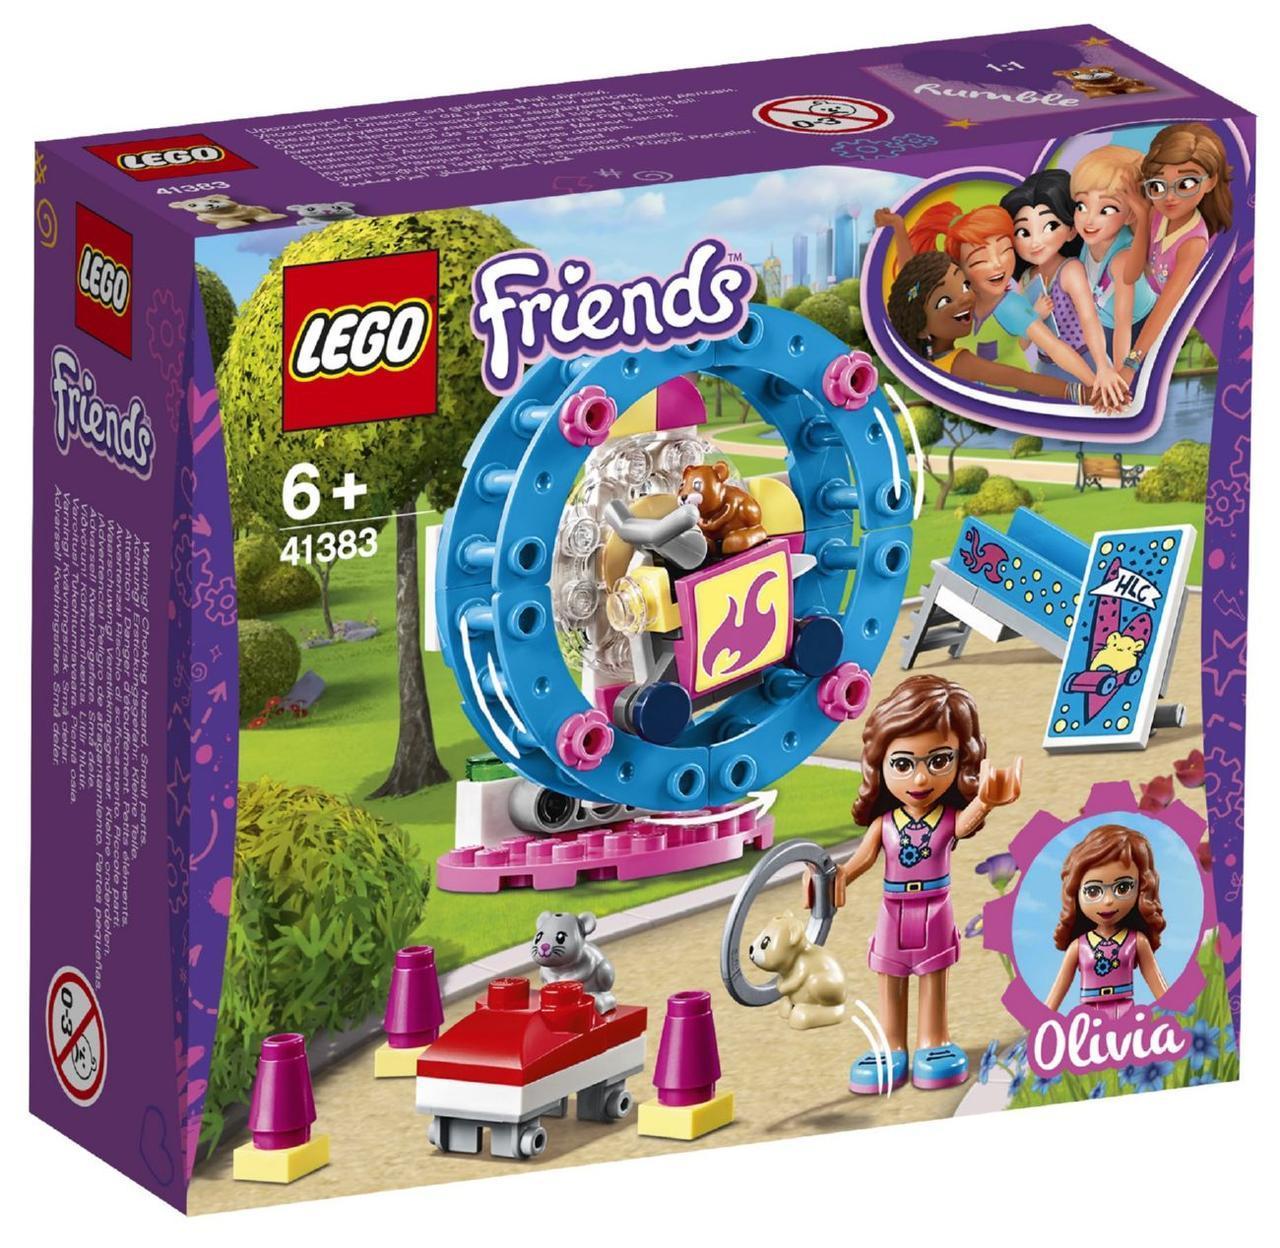 Lego Friends Игровая площадка для хомячка Оливии 41383